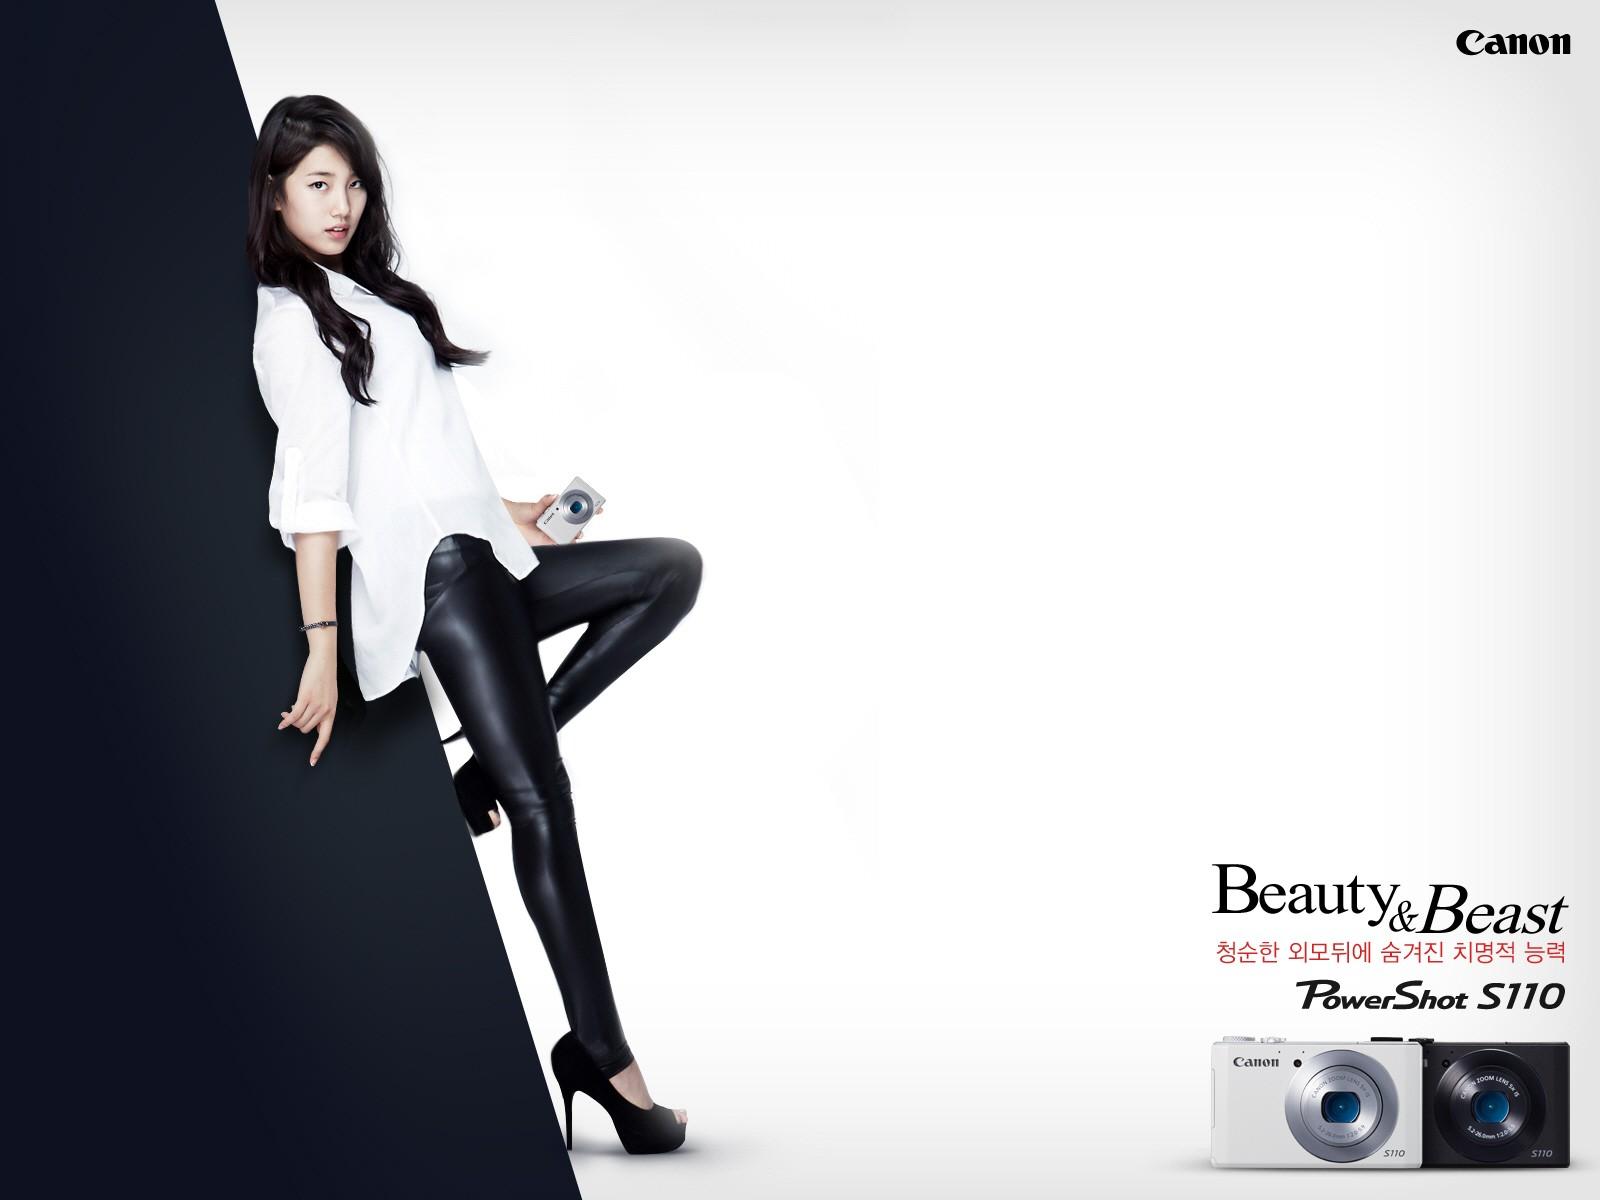 http://1.bp.blogspot.com/-x0eBhP8urXc/UV1Hh96TKnI/AAAAAAAAiM0/gYKGhx0gcFA/s1600/Miss-A-Suzy-%EC%88%98%EC%A7%80-Canon-wallpaper-4.jpg